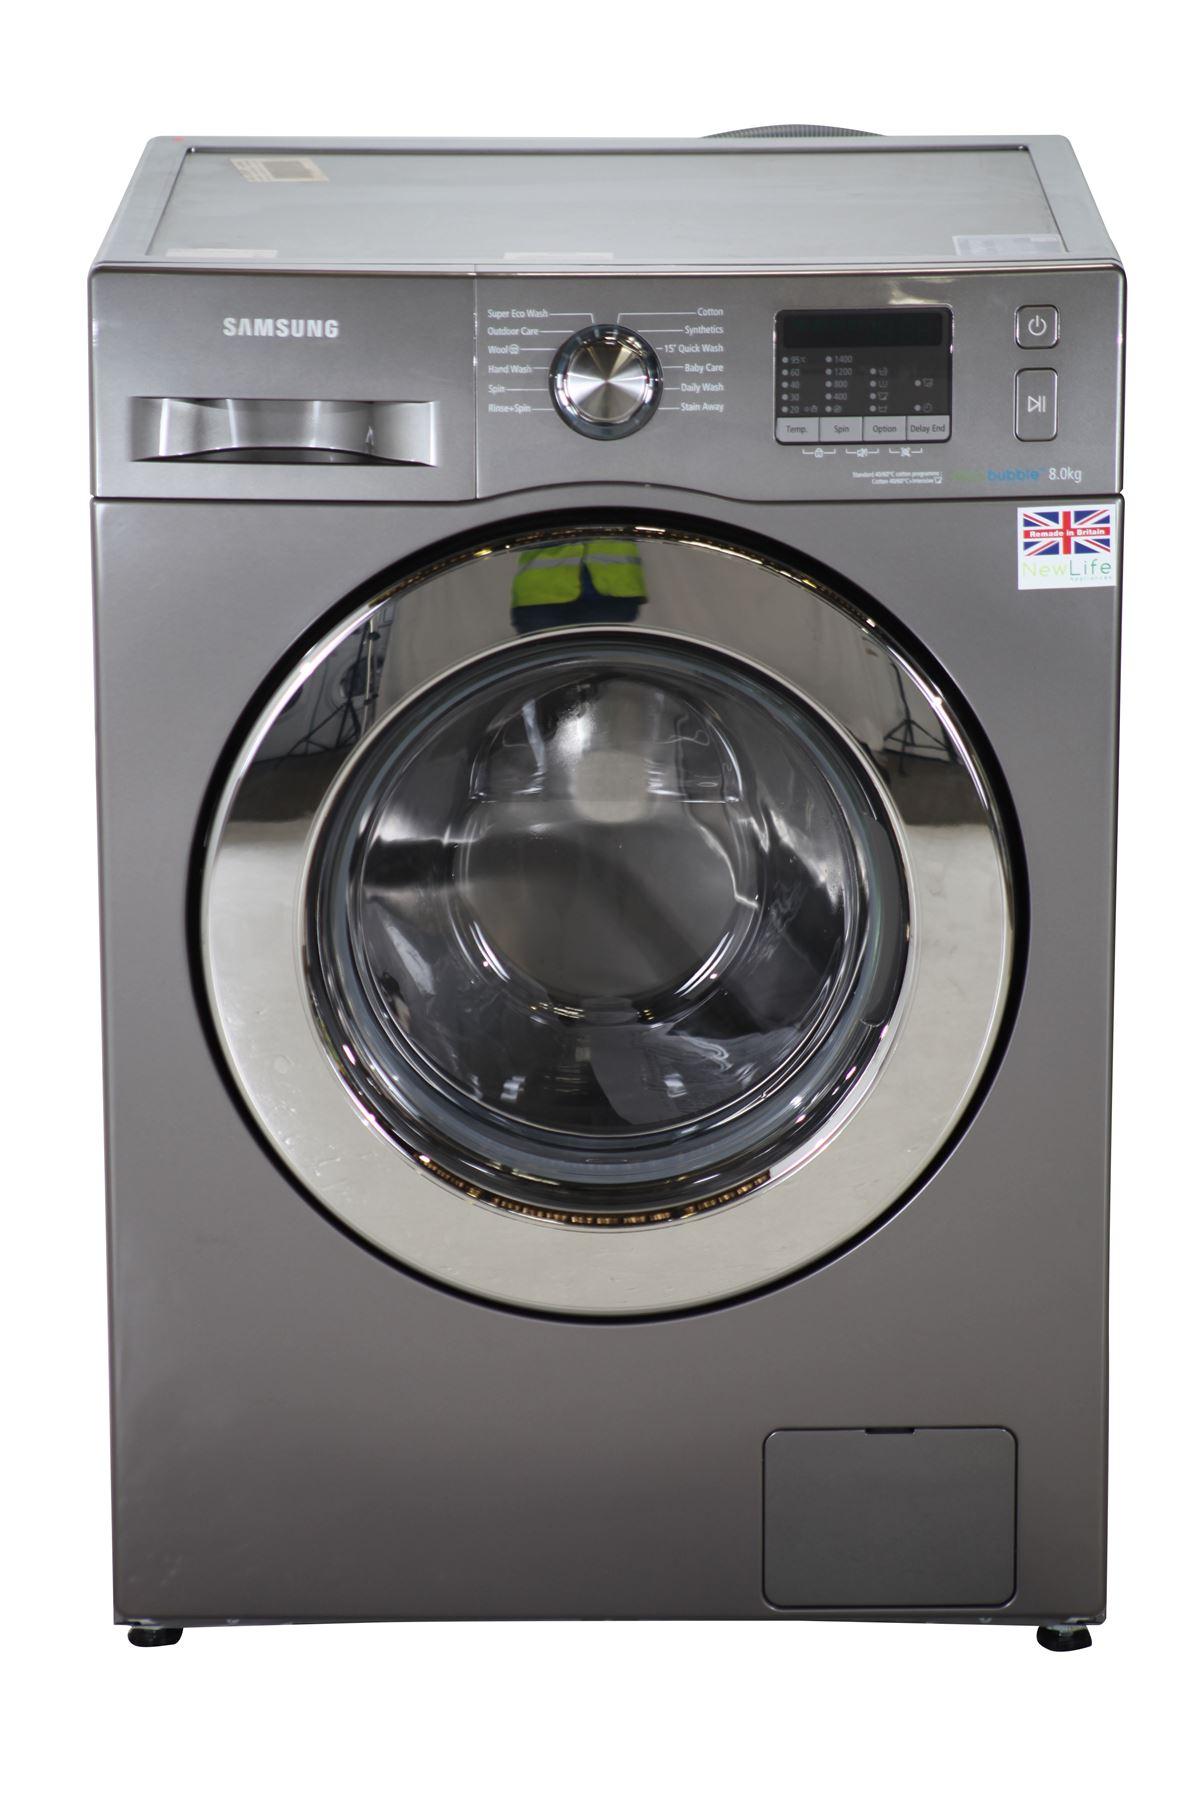 k 564151 samsung 8kg ecobubble washing machine. Black Bedroom Furniture Sets. Home Design Ideas